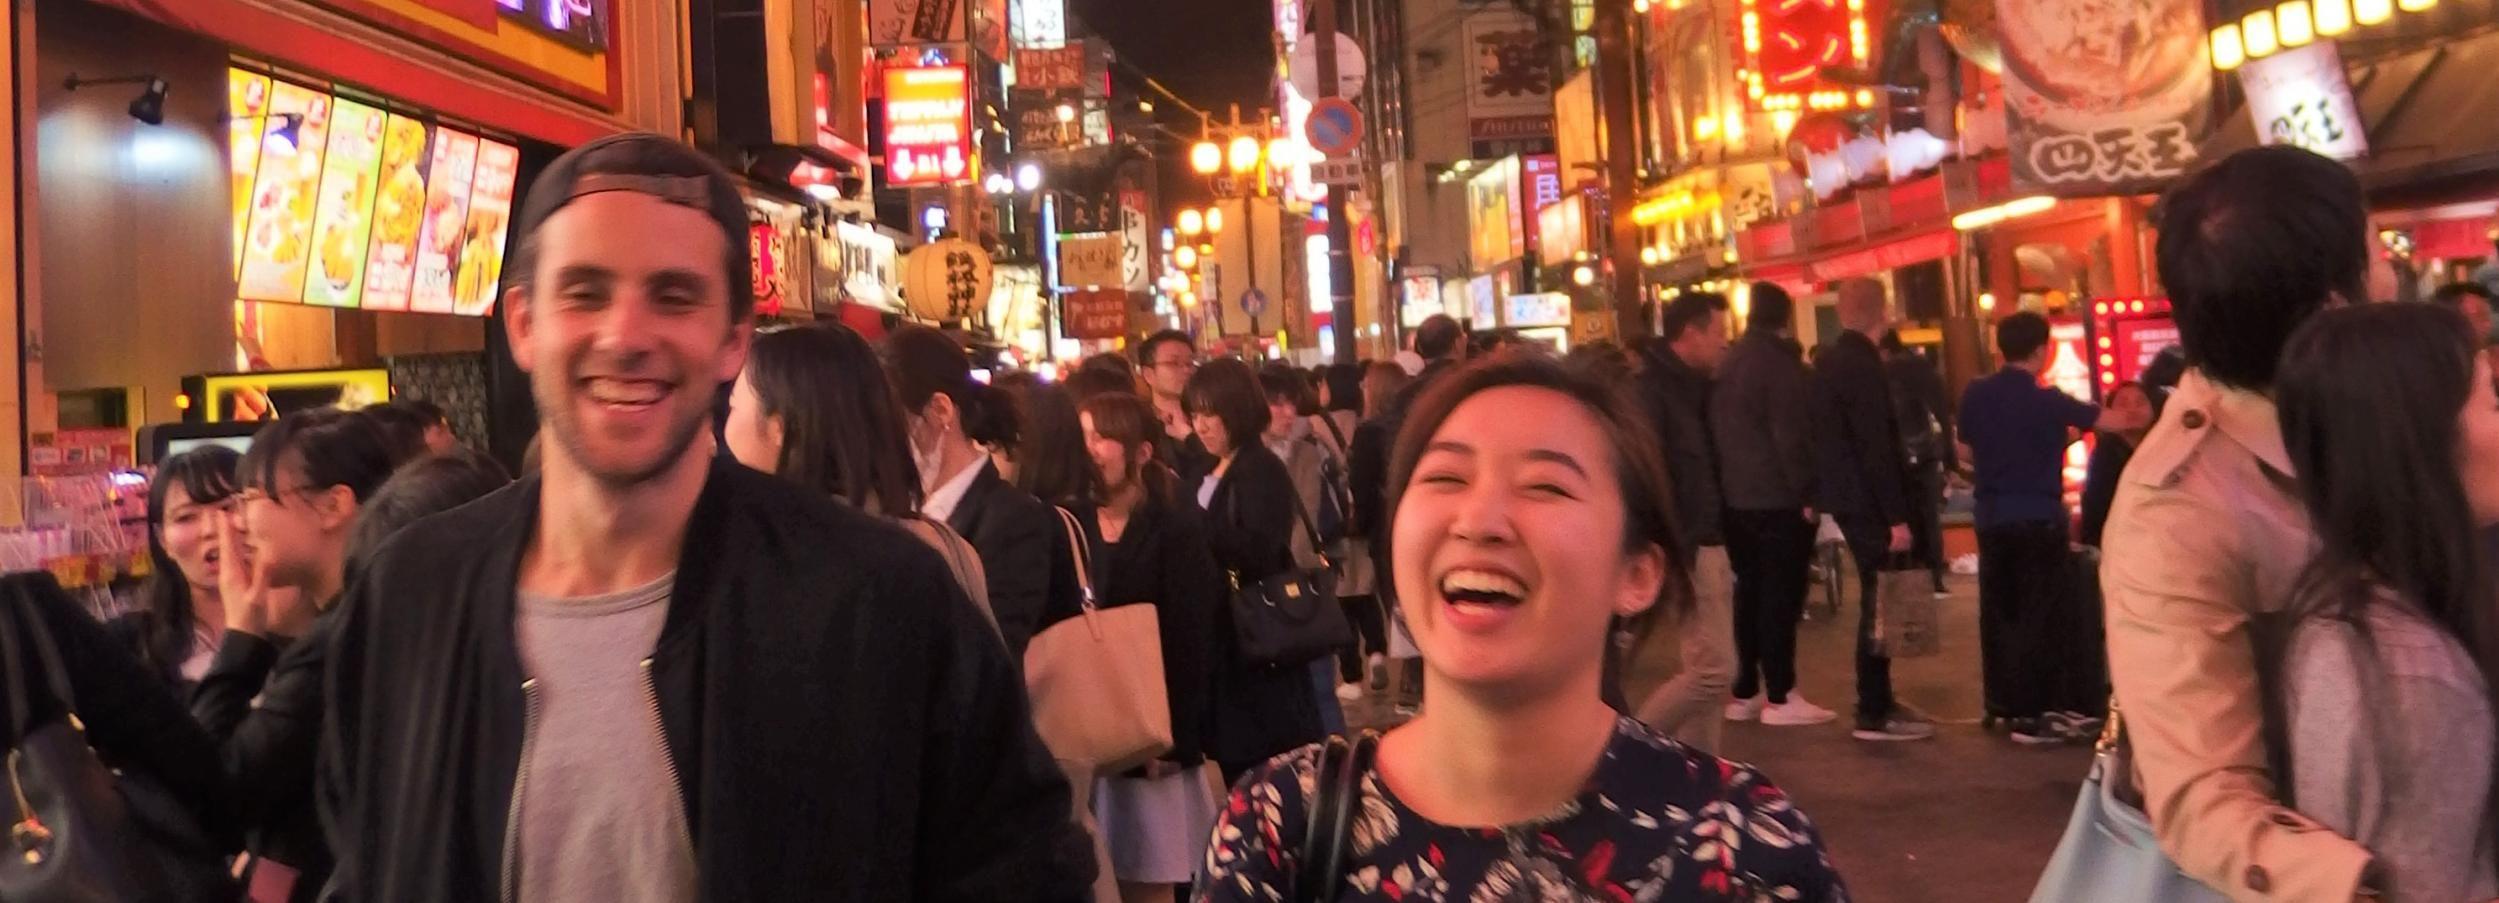 Recorrido gastronómico por los bares de Osaka